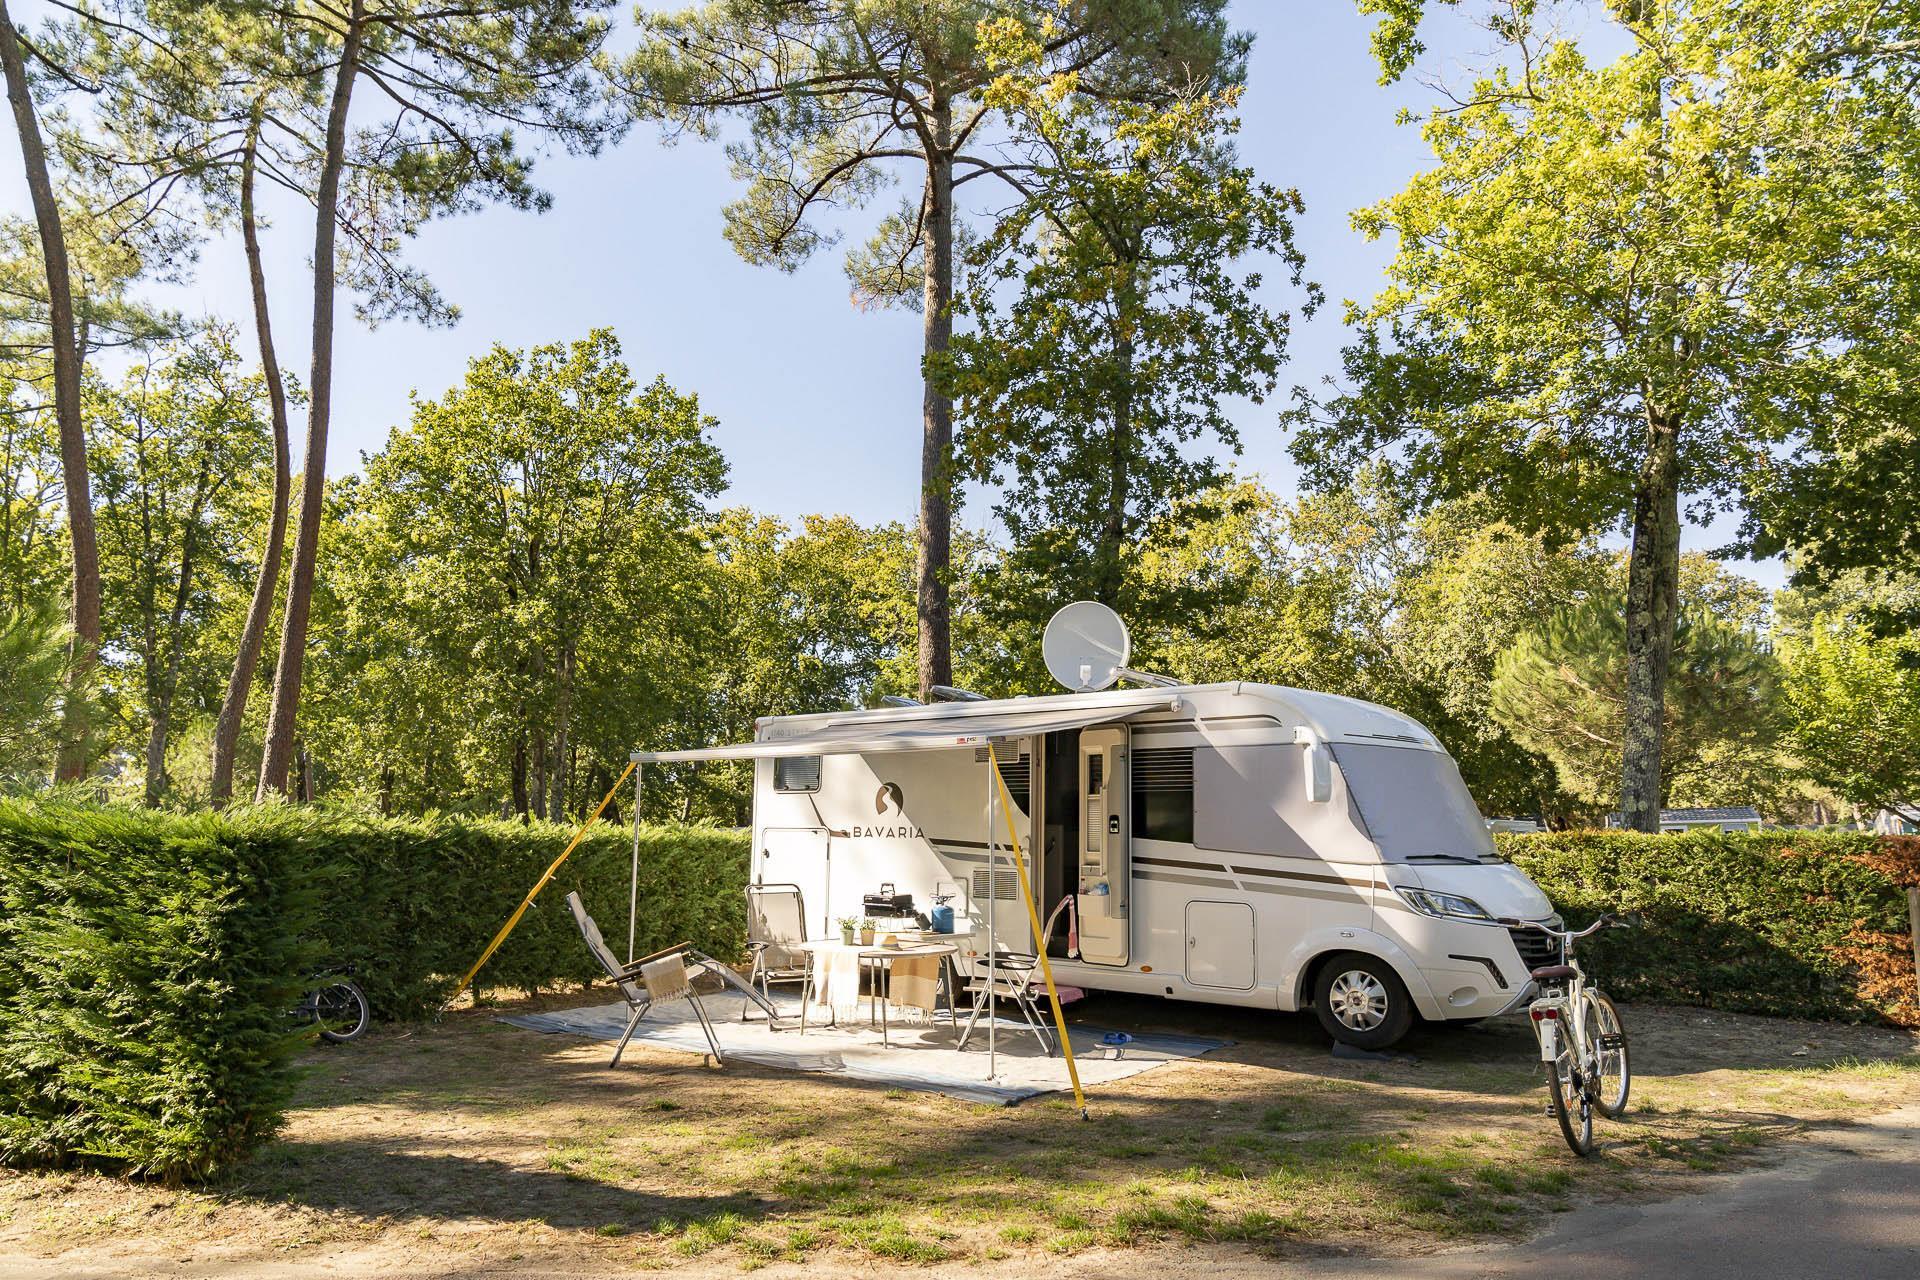 Emplacement - Forfait Emplacement ** - Camping Sandaya L'Orée du Bois